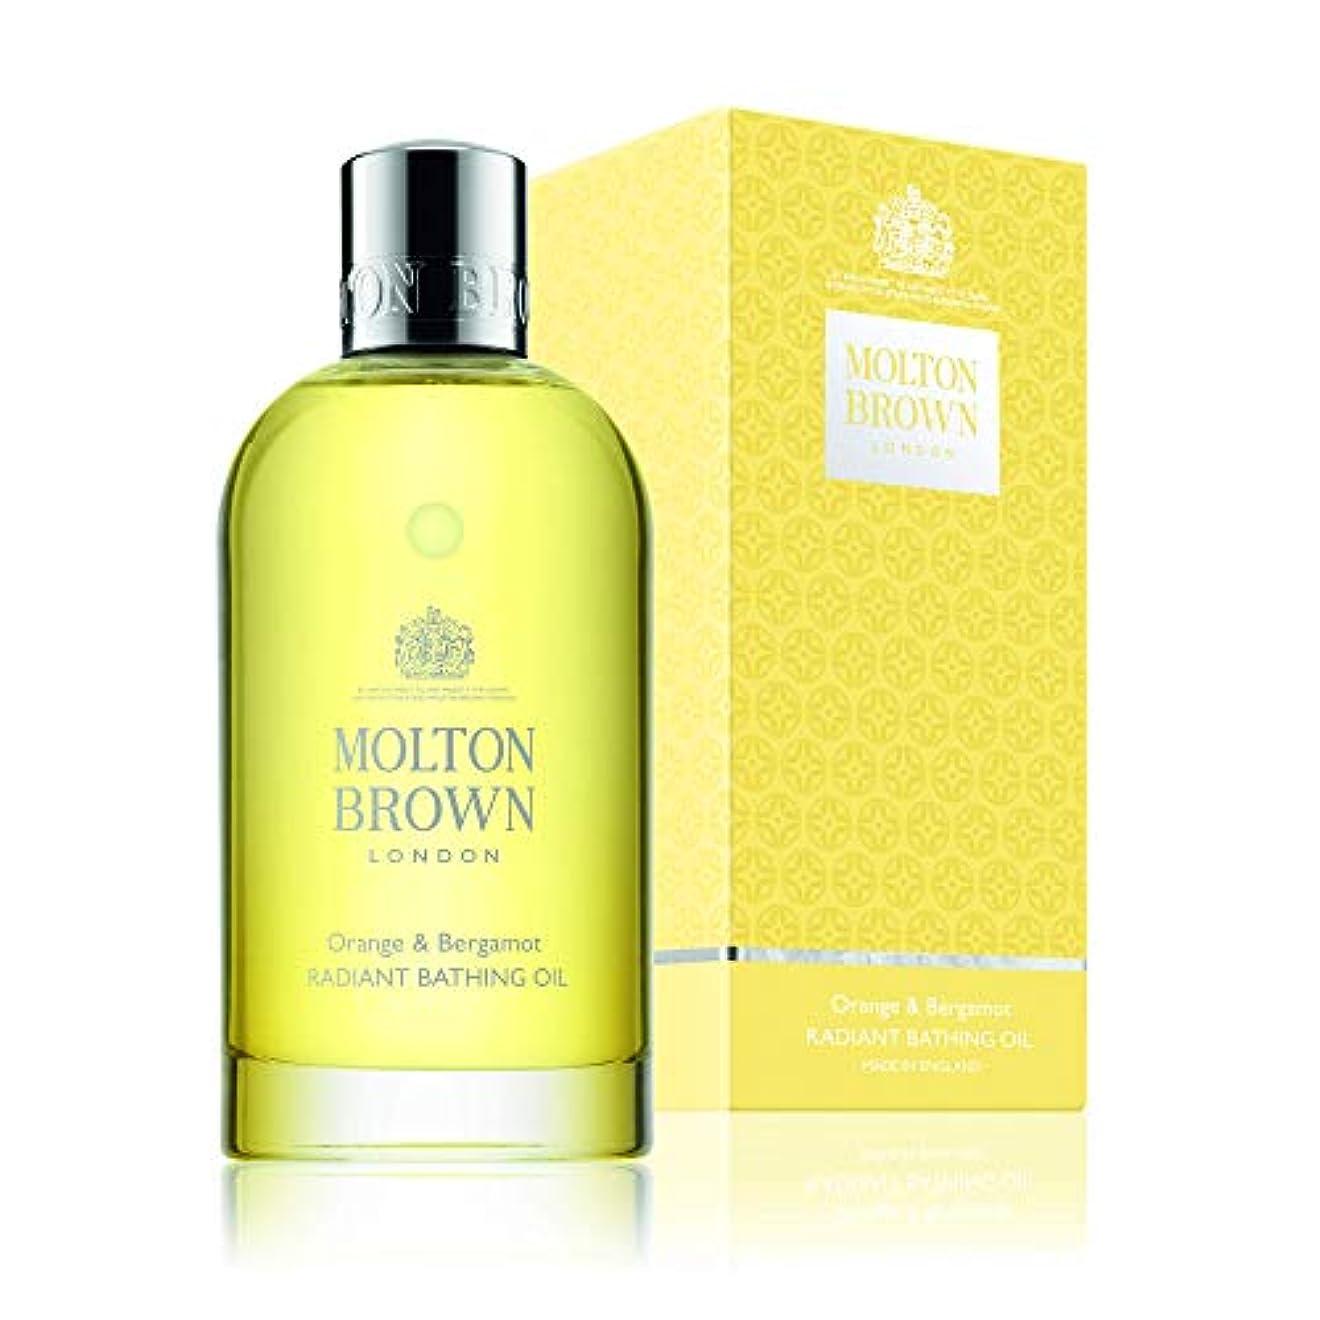 MOLTON BROWN(モルトンブラウン) オレンジ&ベルガモット コレクション O&B ベージングオイル 入浴剤 200ml